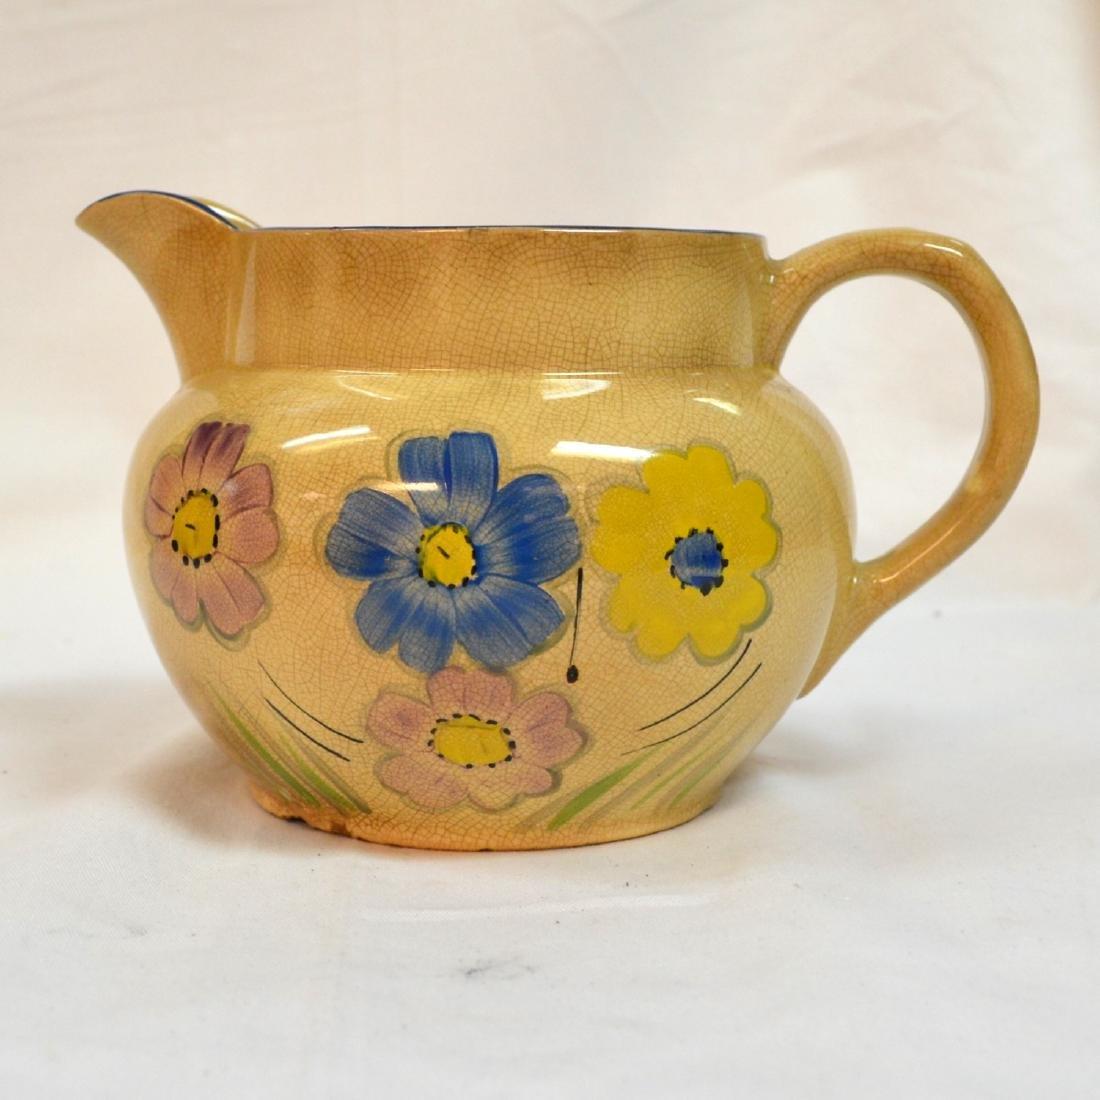 Antique Kensington Pottery Picher England